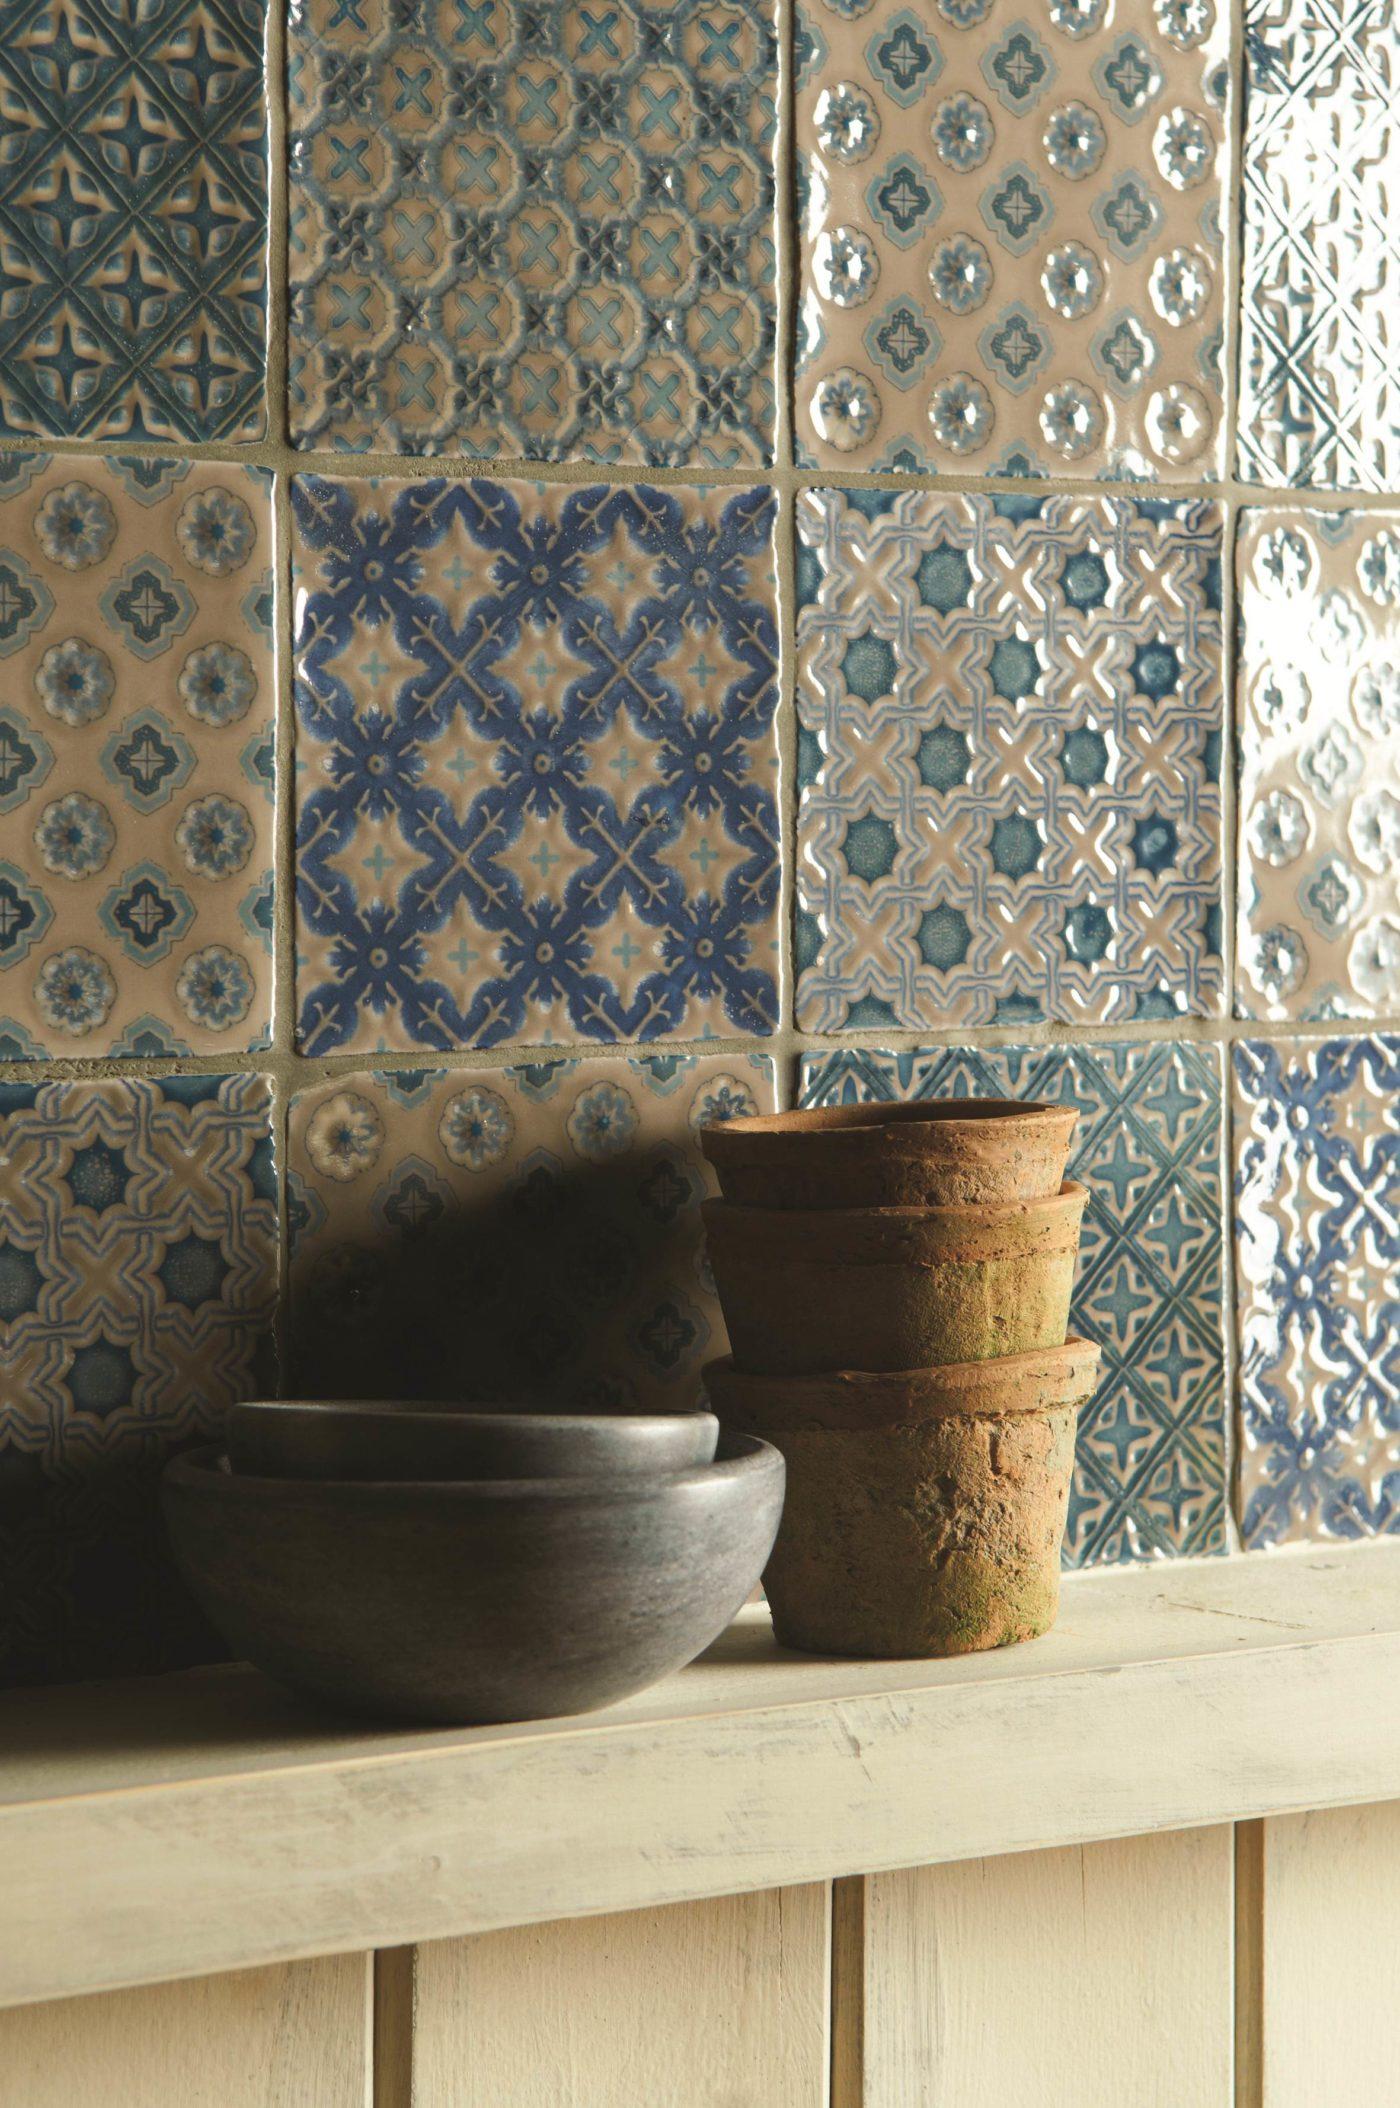 Decorative Tiles Glazed Tiles New Image Tiles Dorset Uk